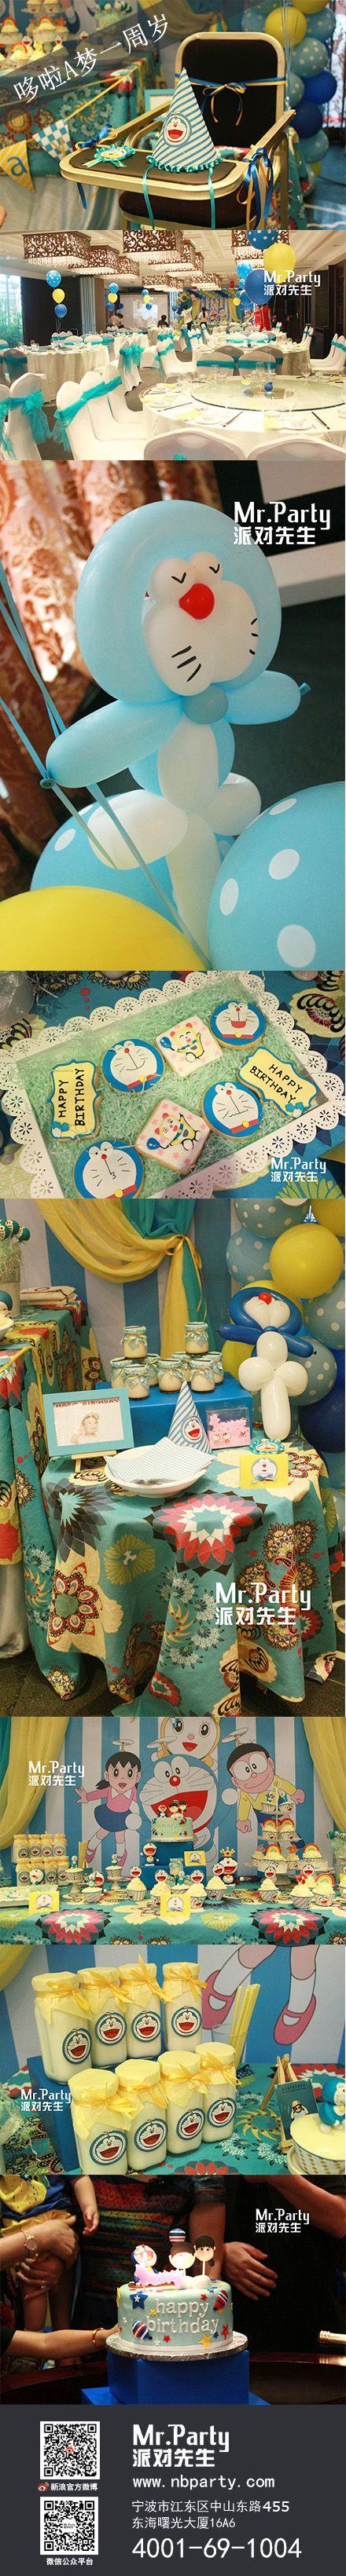 Doraemon's birthday party